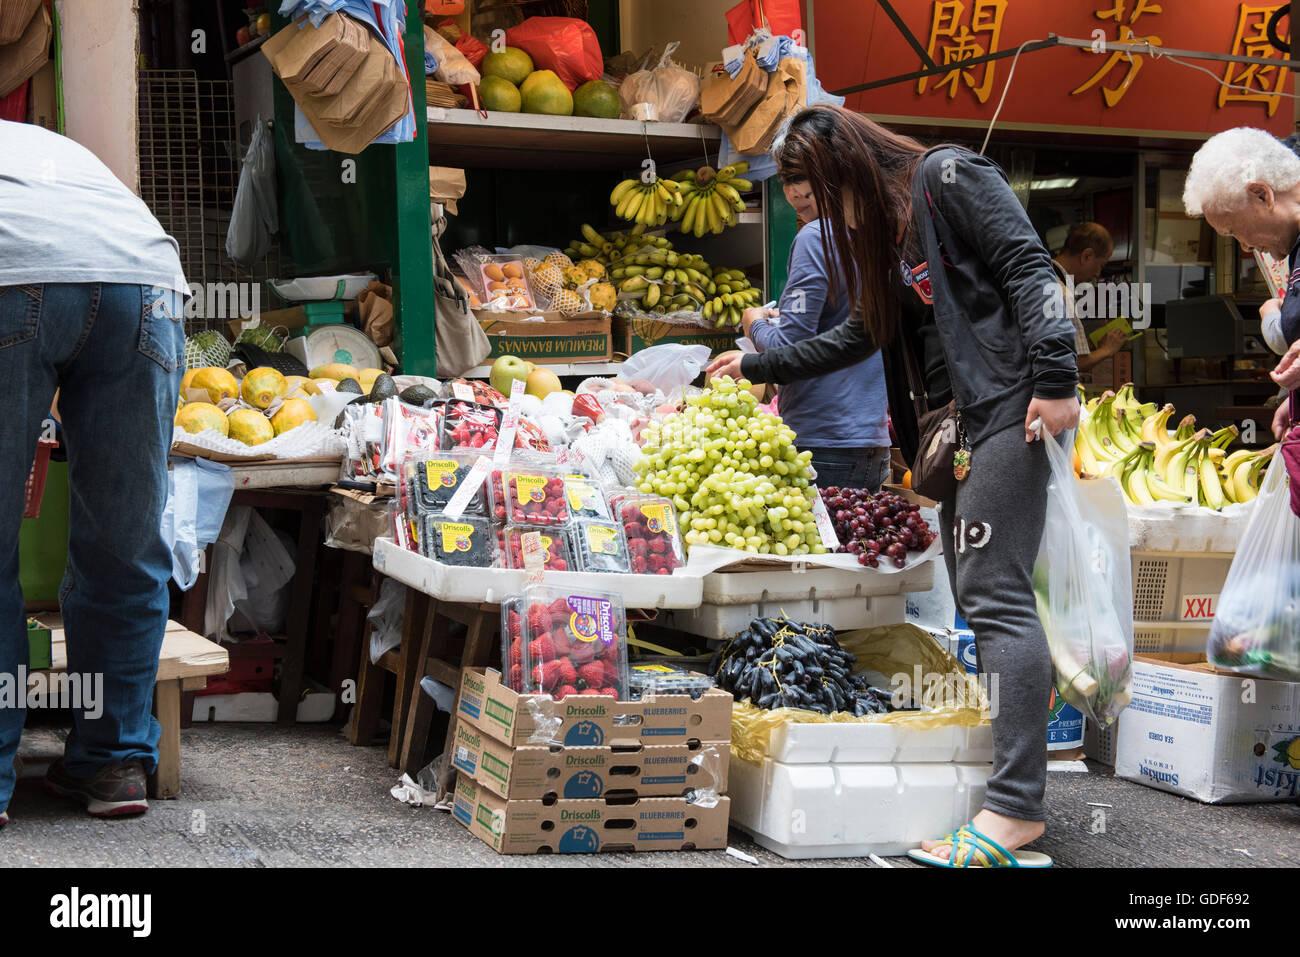 Calibro per esterni via mercato della frutta, Hong Kong Cina. Immagini Stock